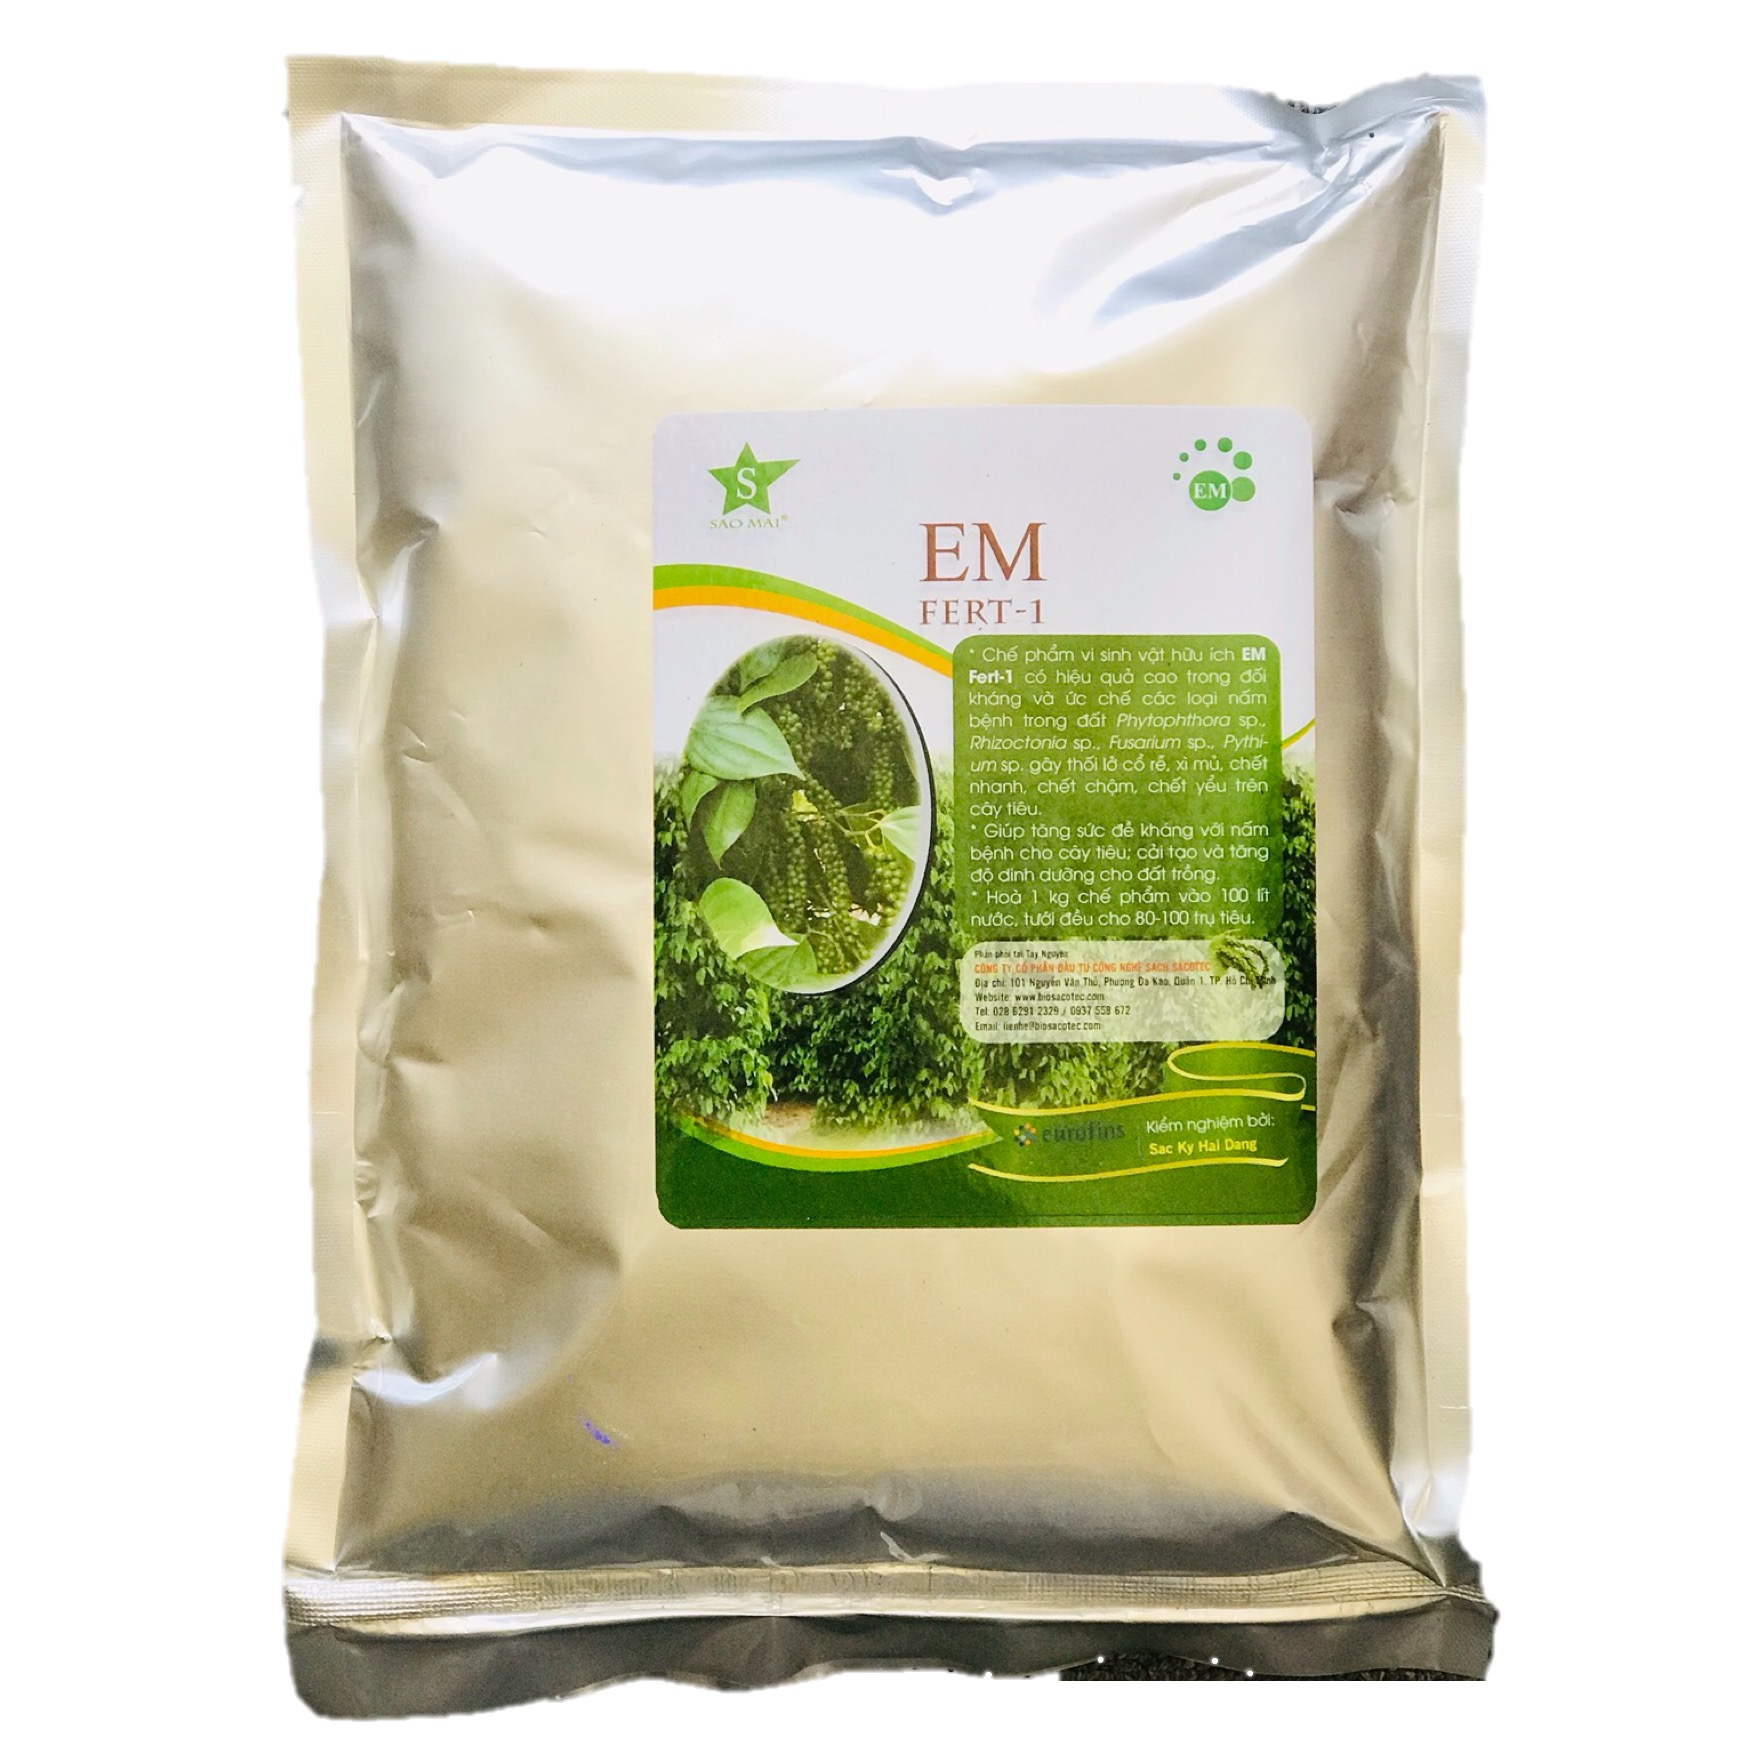 Chế phẩm gốc EM Fert-1 túi 1kg tập hợp các chủng vi sinh vật hữu ích, có tác dụng phân huỷ mạnh chất thải hữu... - 20148608 , 3885206183422 , 62_28364716 , 137000 , Che-pham-goc-EM-Fert-1-tui-1kg-tap-hop-cac-chung-vi-sinh-vat-huu-ich-co-tac-dung-phan-huy-manh-chat-thai-huu...-62_28364716 , tiki.vn , Chế phẩm gốc EM Fert-1 túi 1kg tập hợp các chủng vi sinh vật hữu